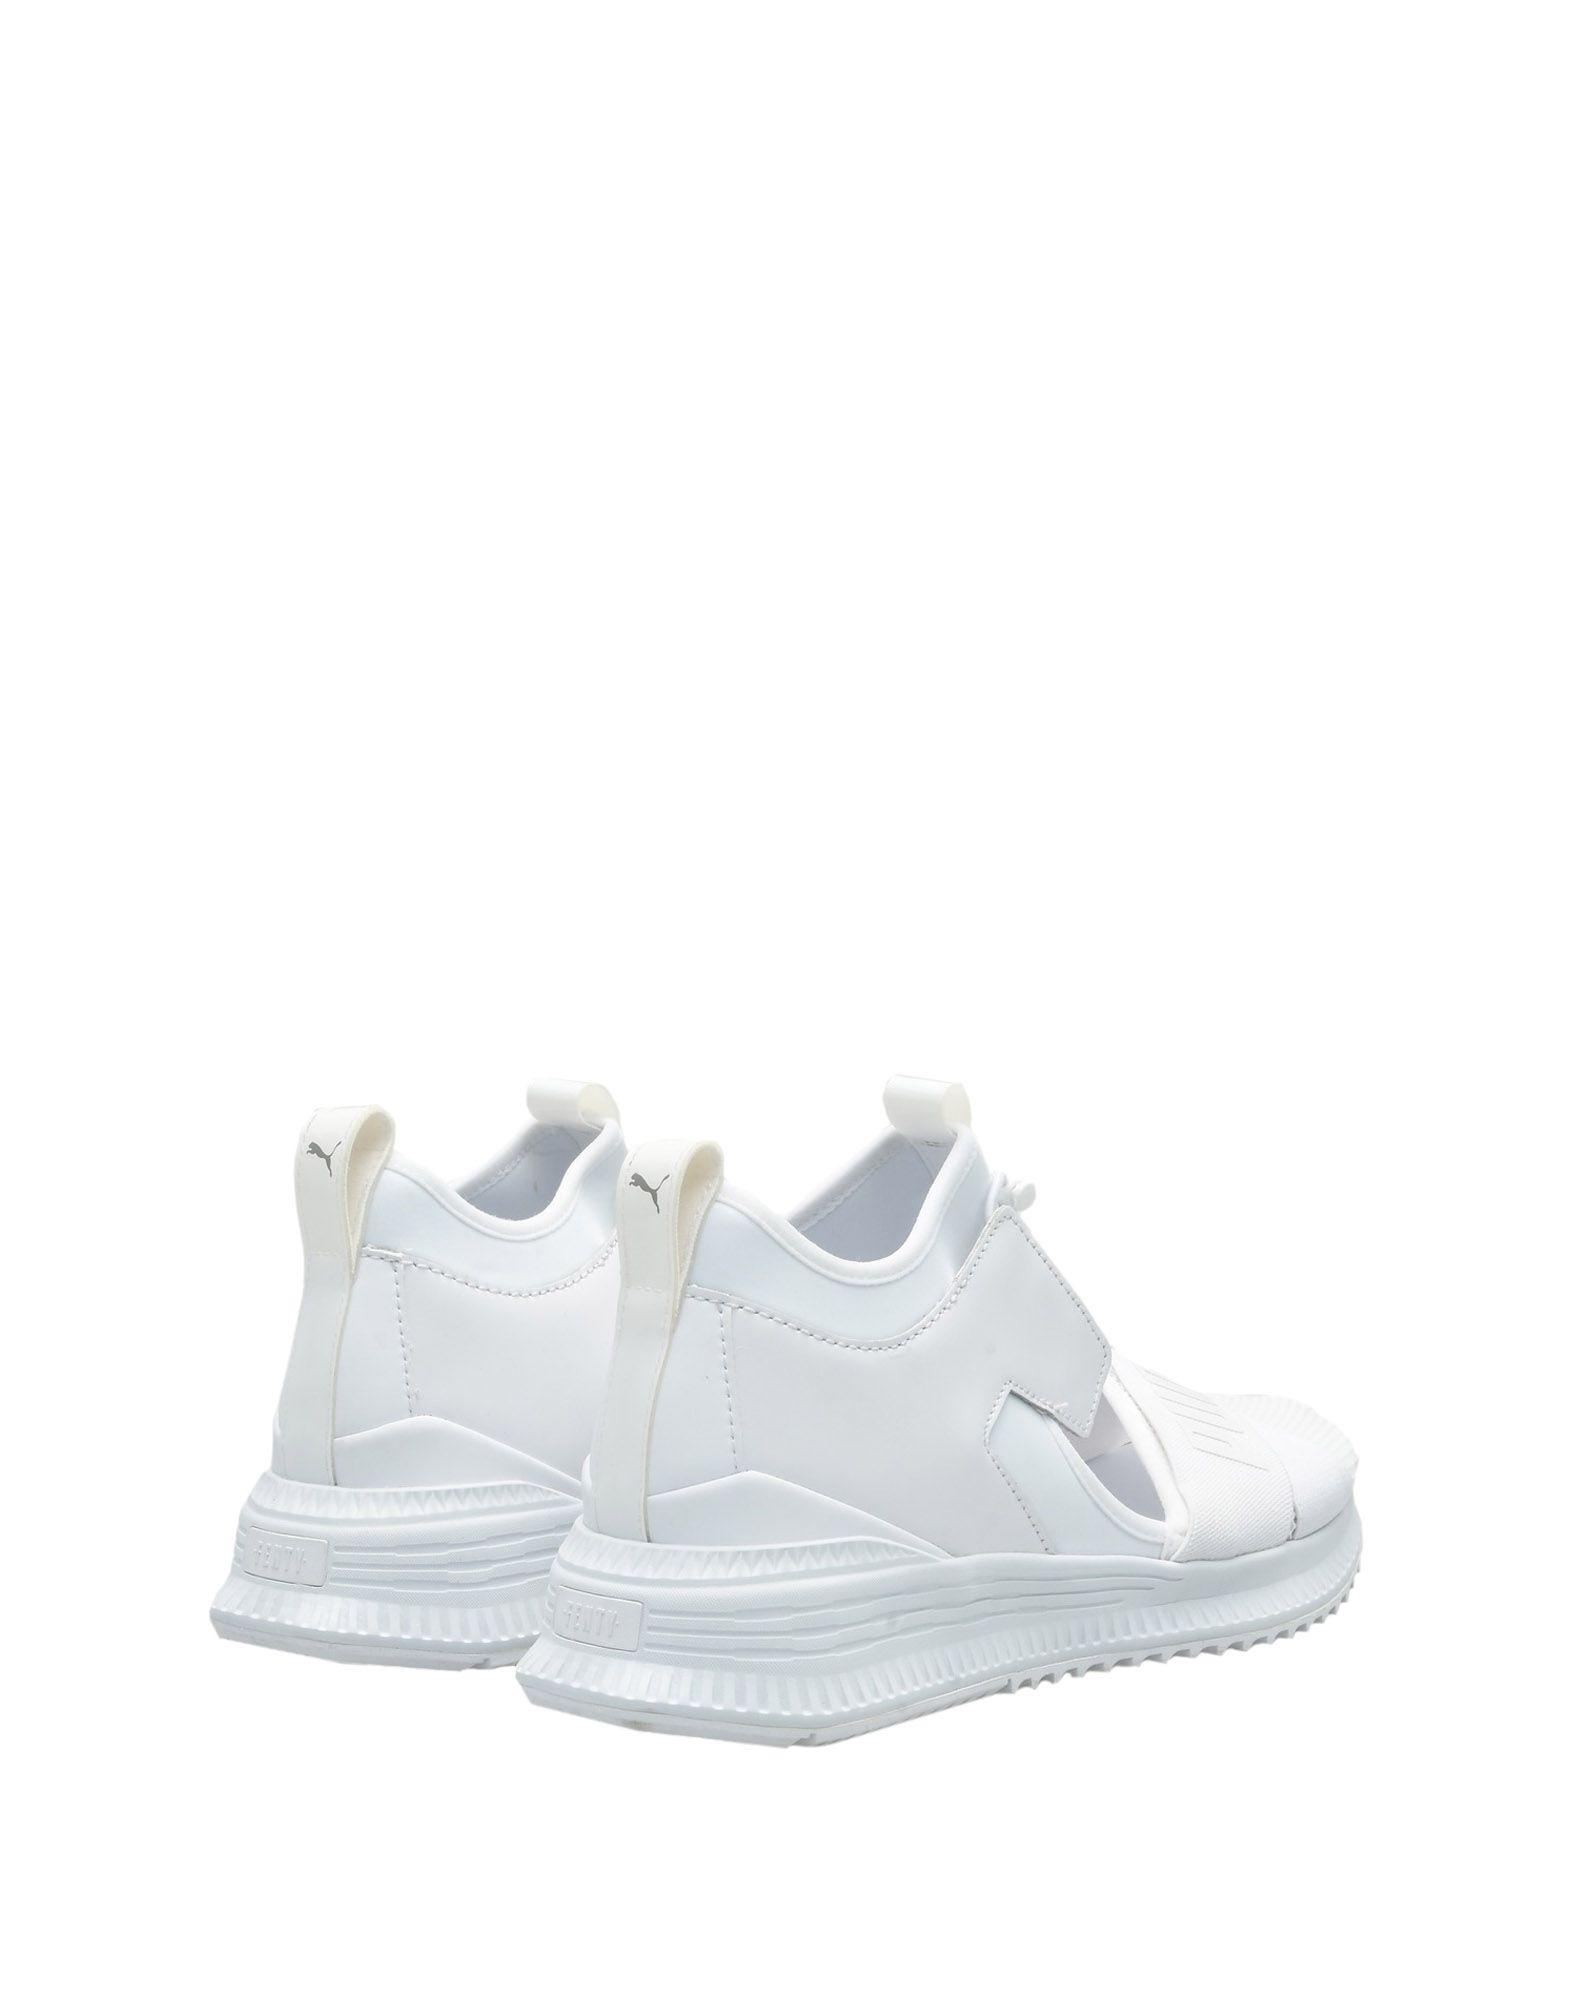 Fenty Puma By Rihanna Avid Avid Rihanna  11497524MH Neue Schuhe 964683